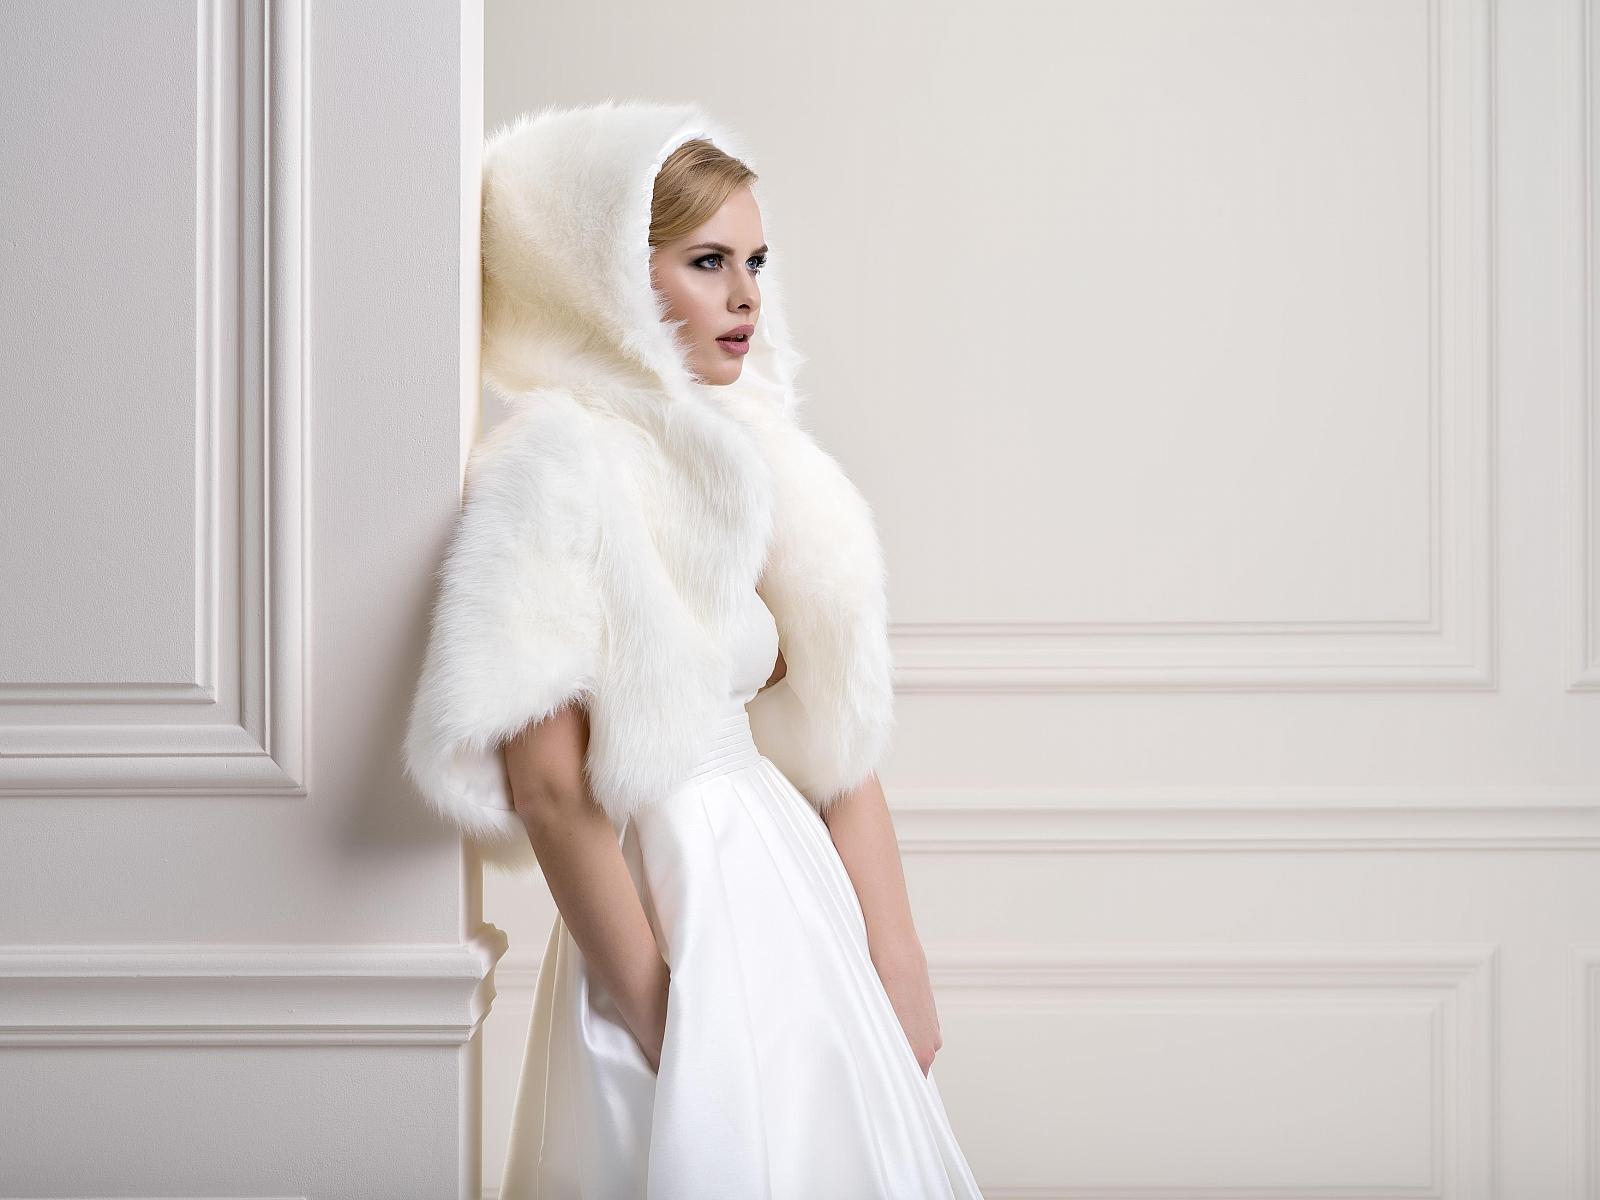 colori delicati sconto fino al 60% offrire Sposa d'inverno: gli accessori che non possono mancare | La ...